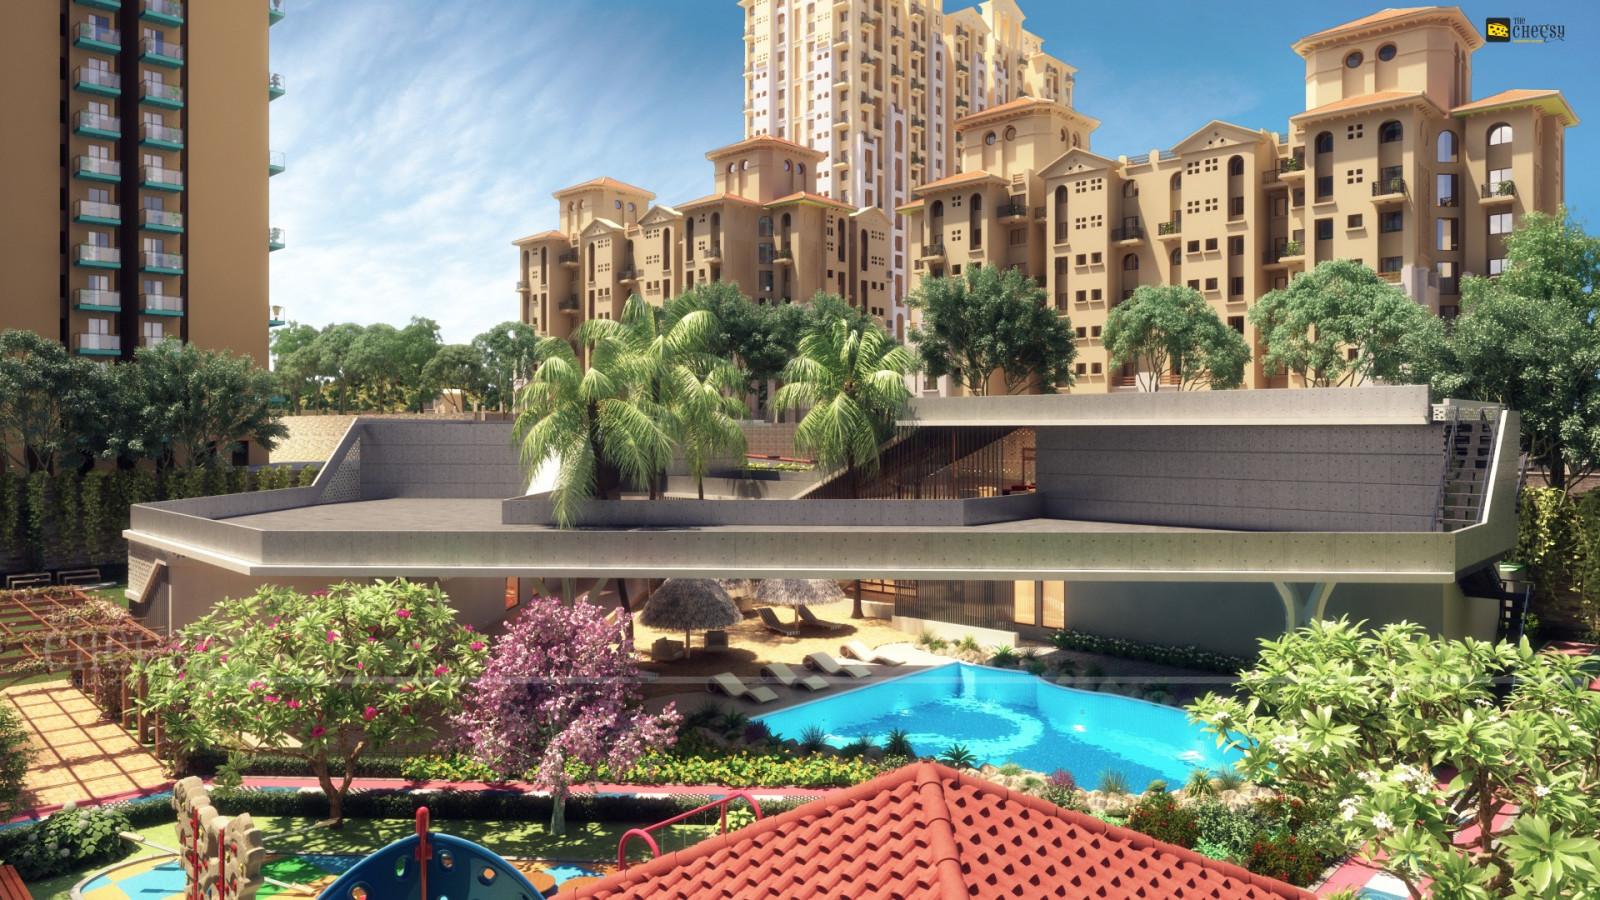 Fondos de pantalla jard n 3d piscina recurso palacio patio interior inmuebles plaza - Ley propiedad horizontal patio interior ...